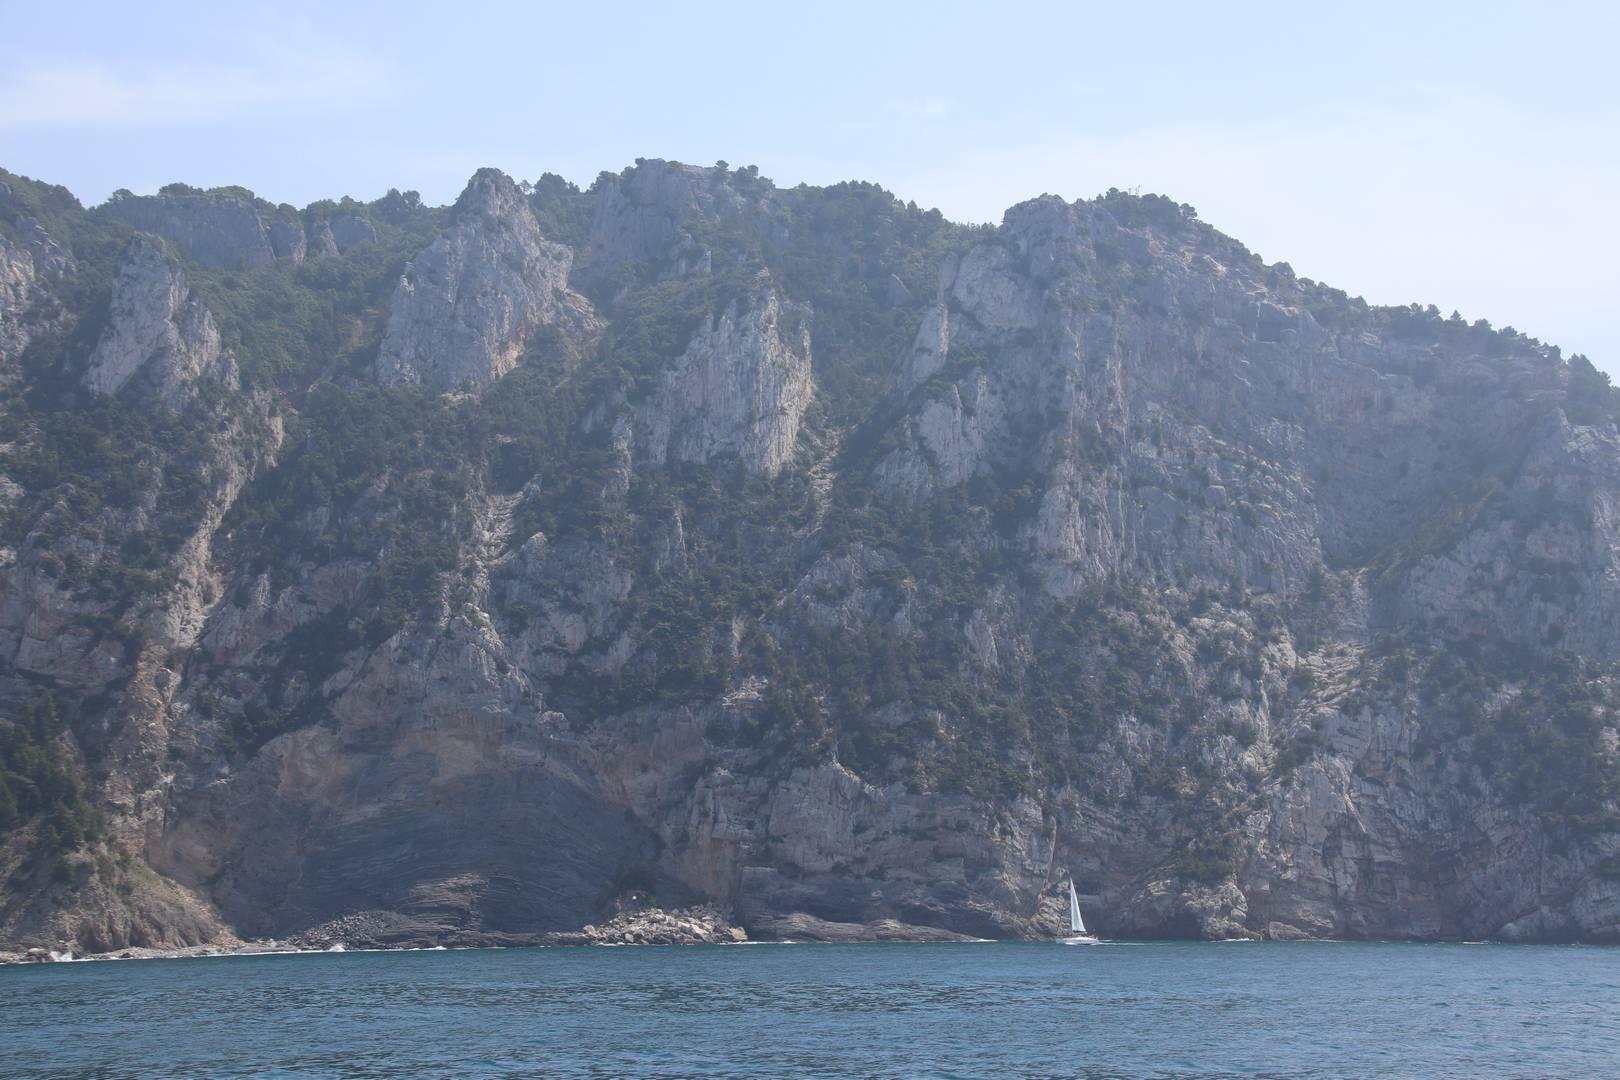 Italie - Bateau en mer Méditerranée dans le parc des cinque terre